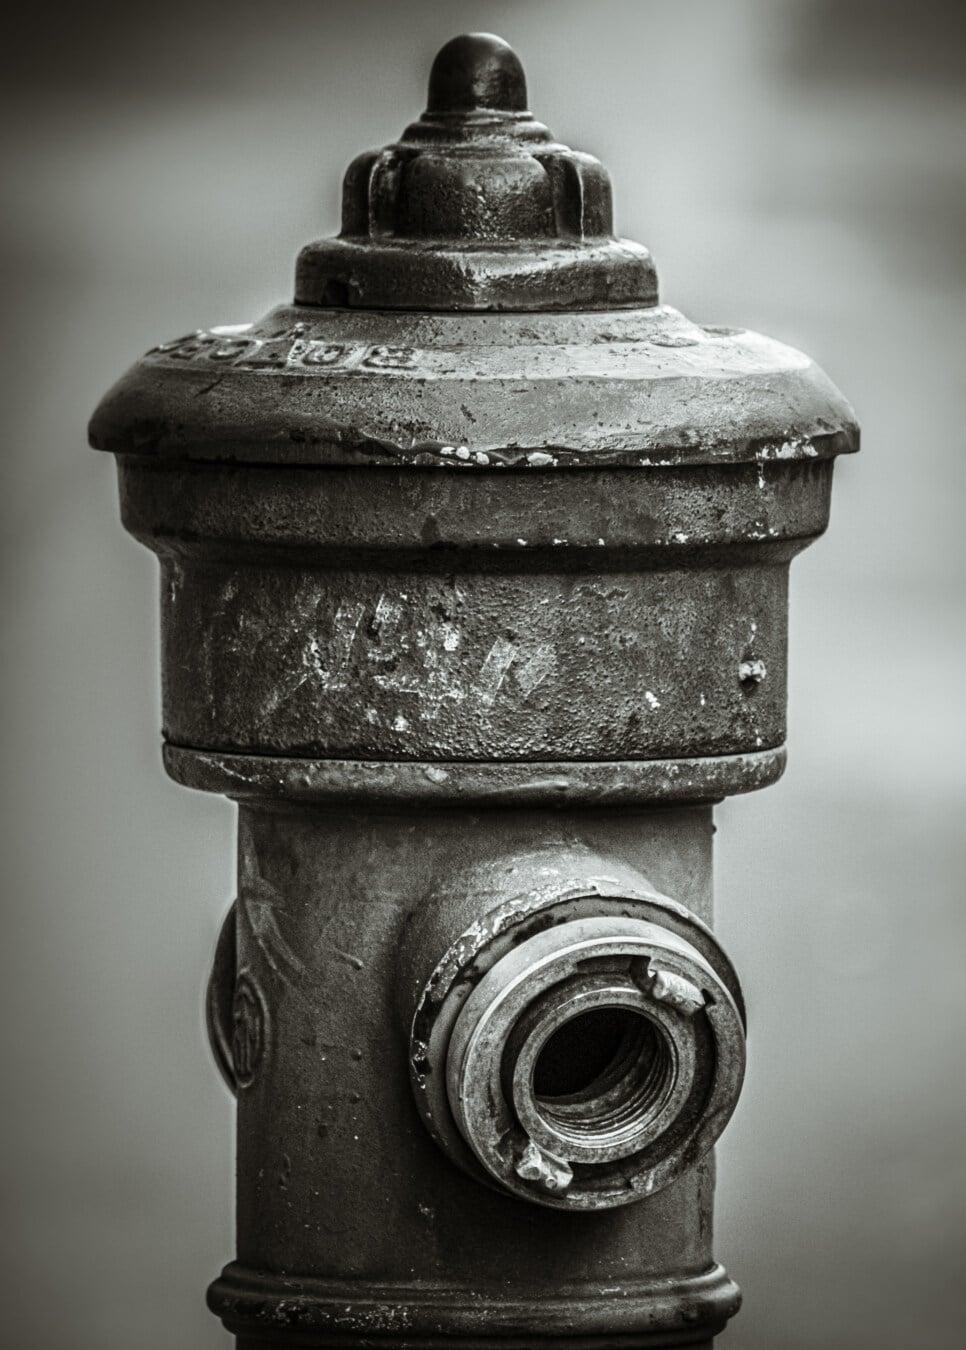 schwarz und weiß, Monochrom, Hydrant, Sepia, aus Gusseisen, Eisen, Gerät, alt, Antik, Jahrgang